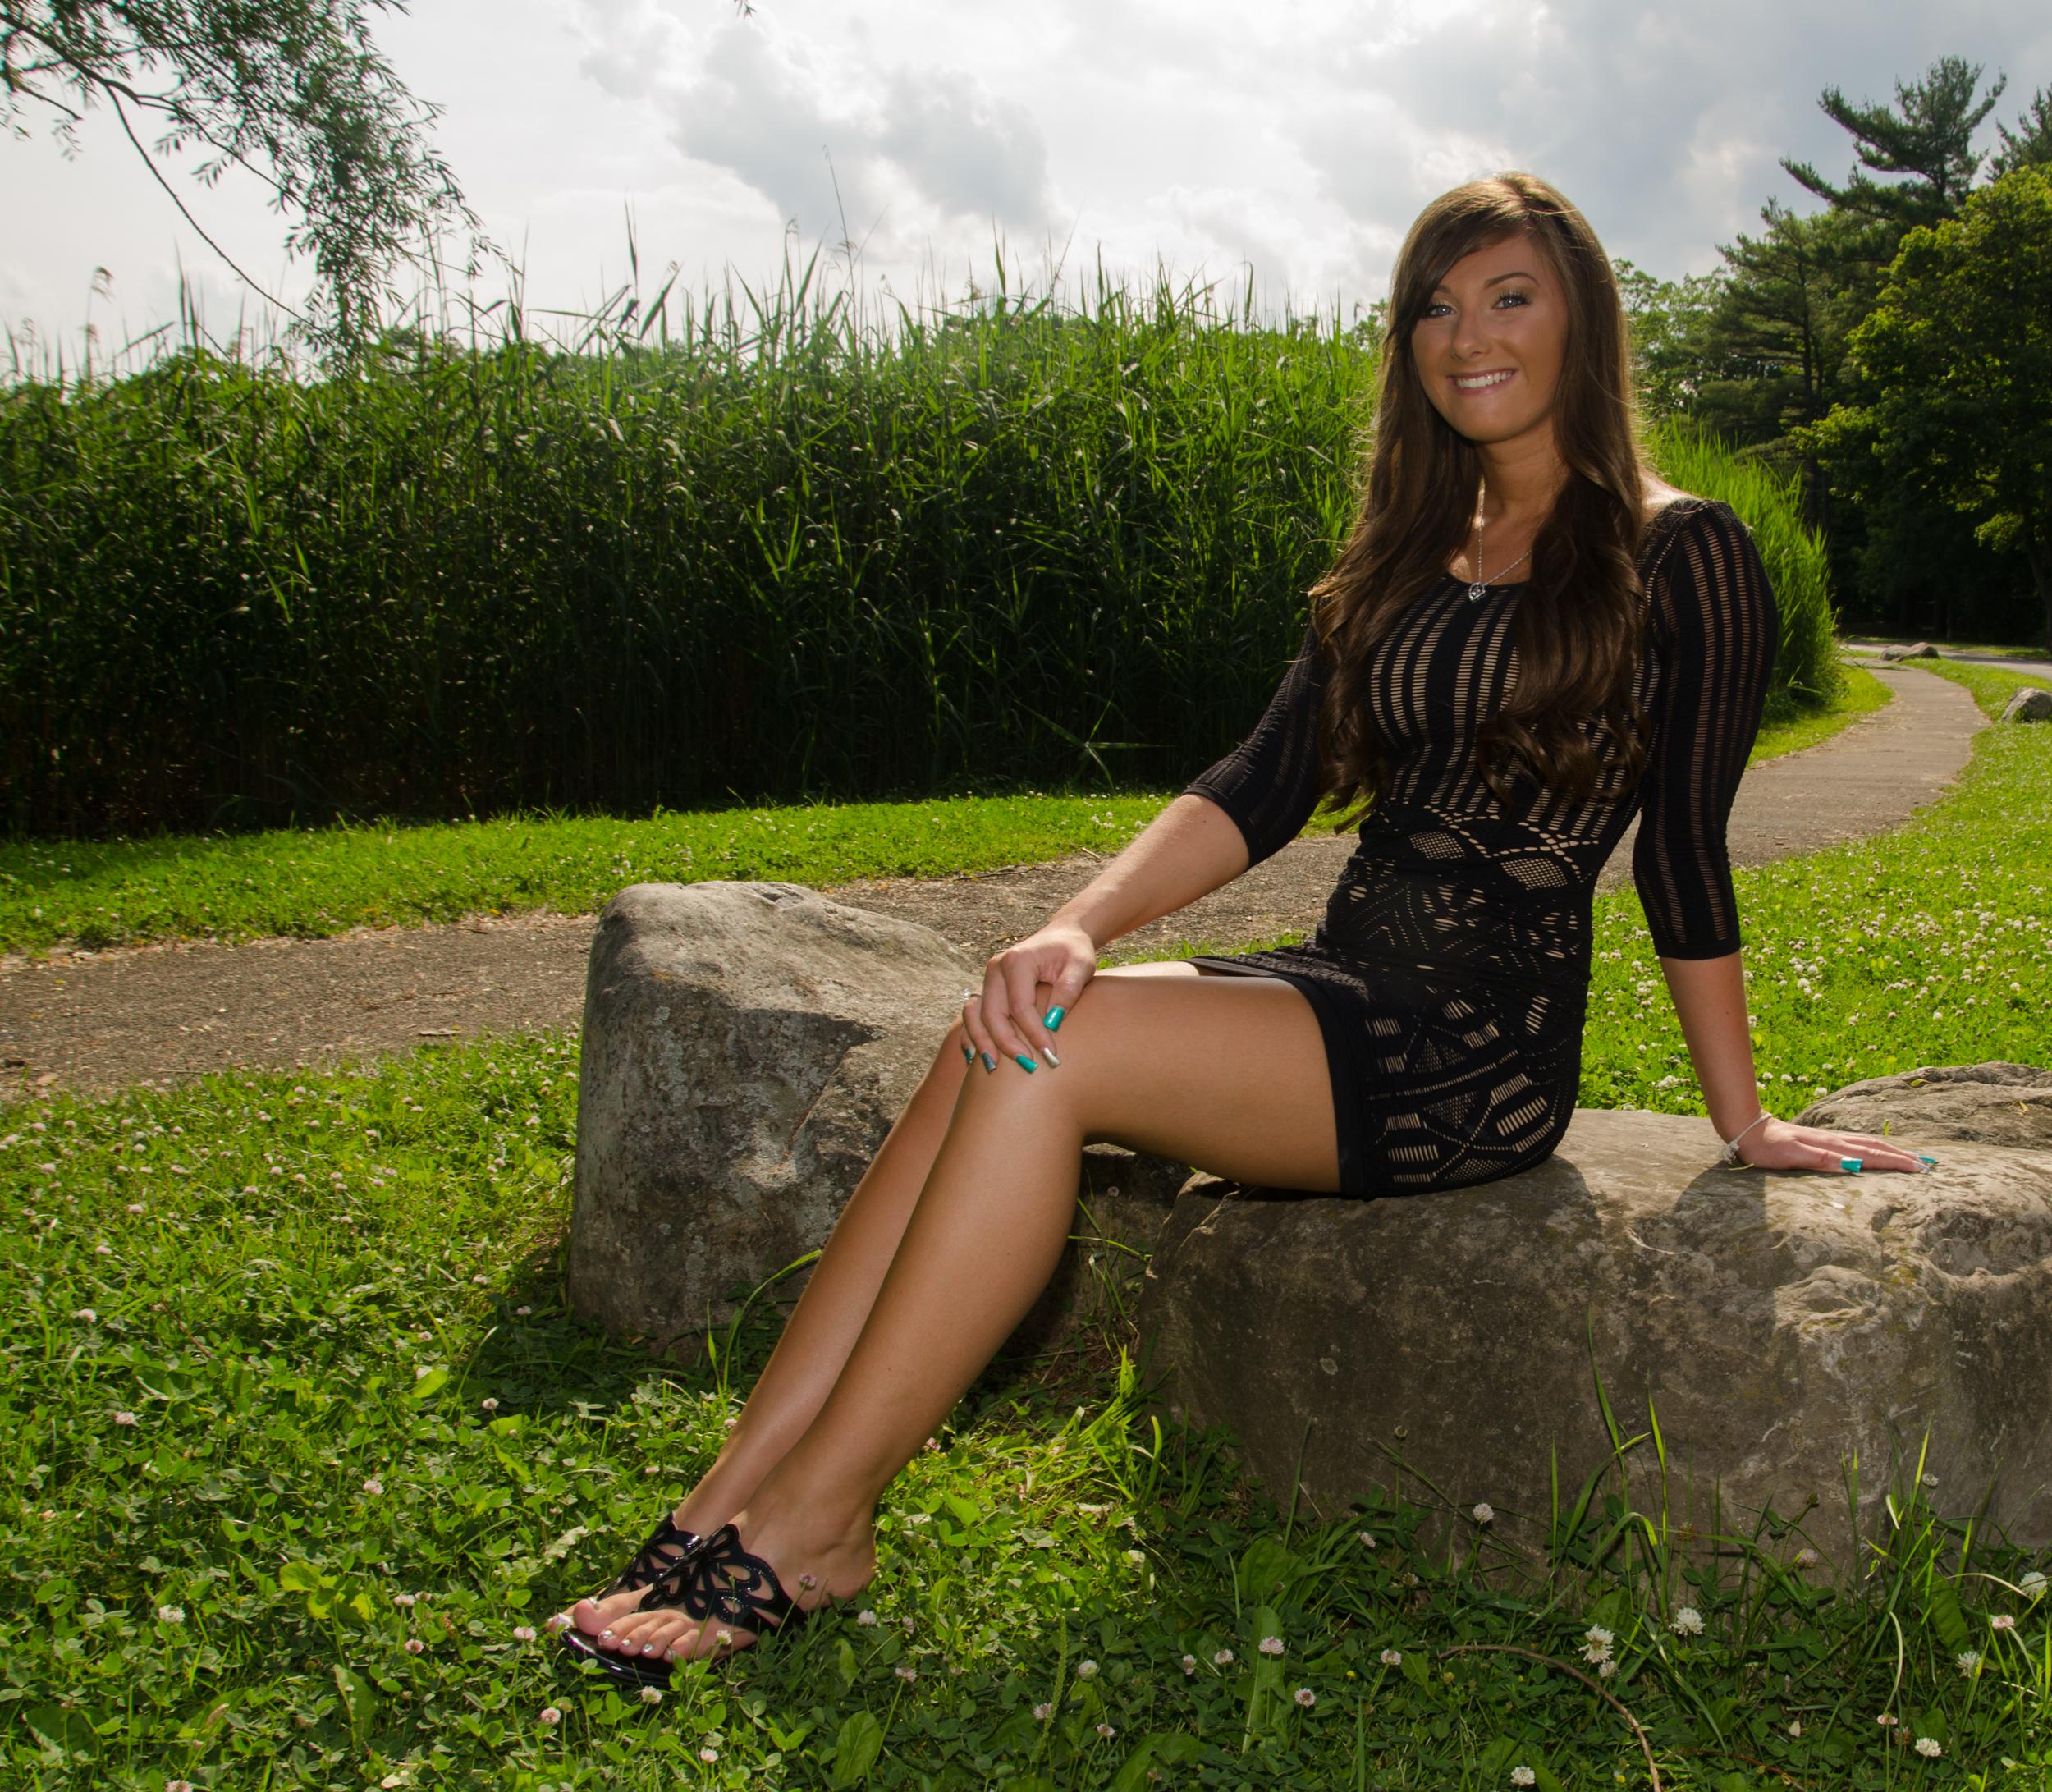 PortraitScene-07.jpg